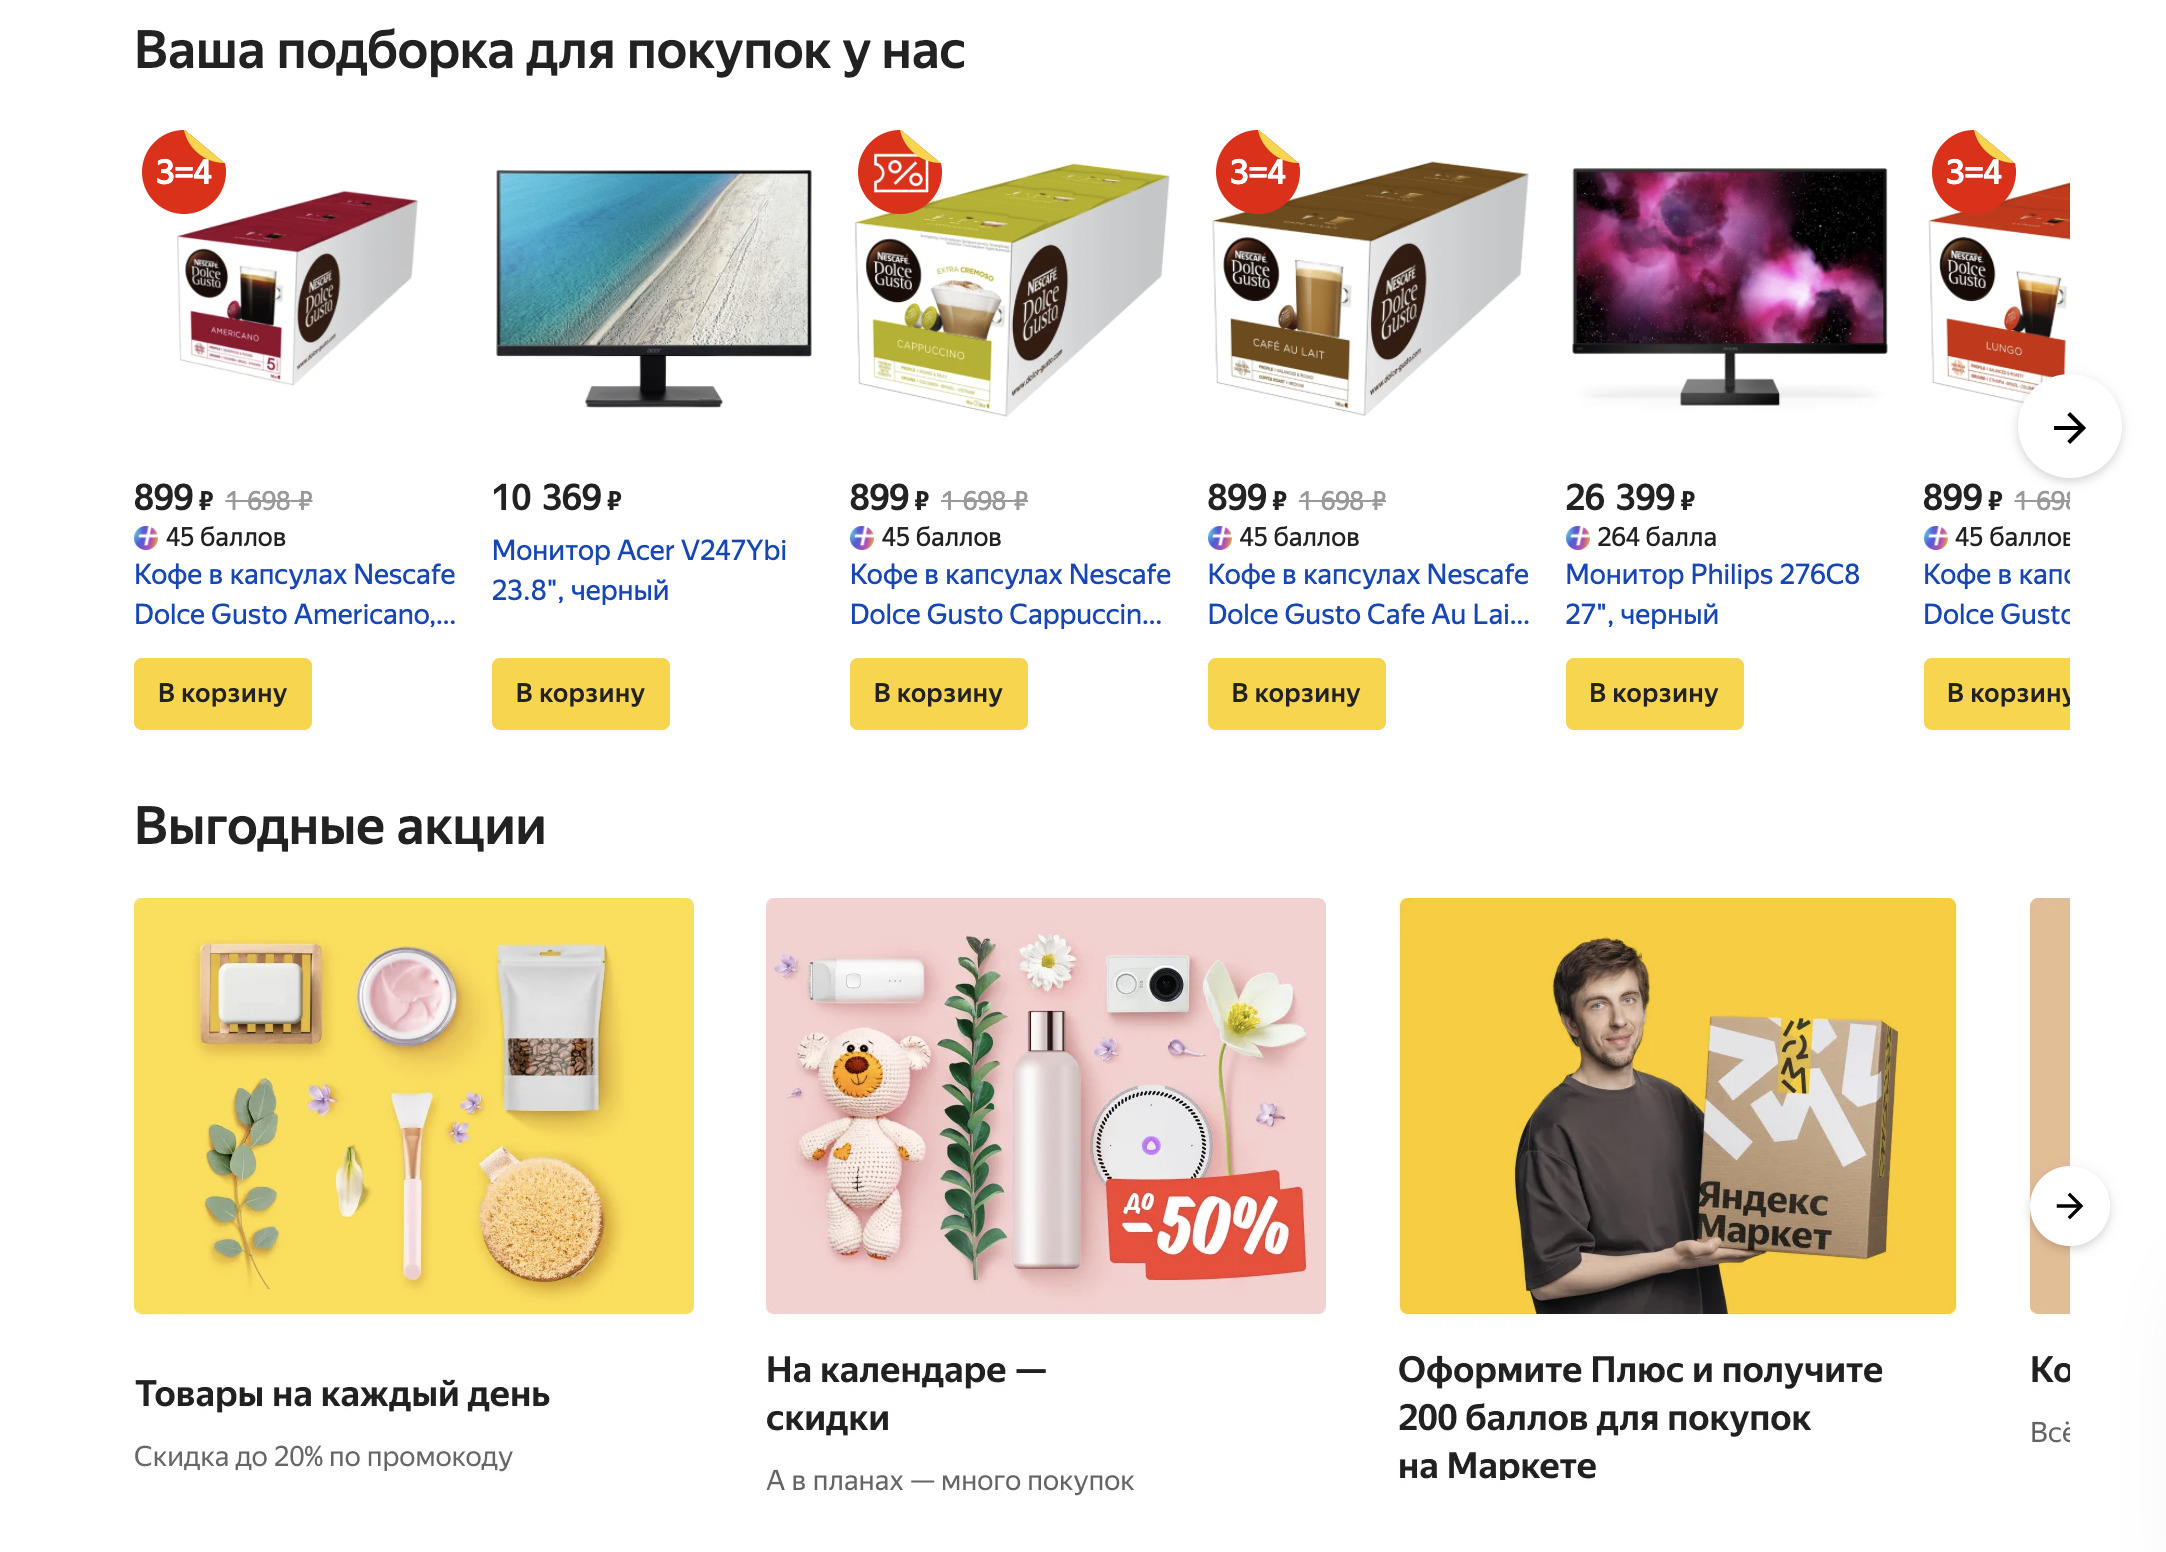 Доставка из Яндекс.Маркет в Адыгею, сроки, пункты выдачи, каталог